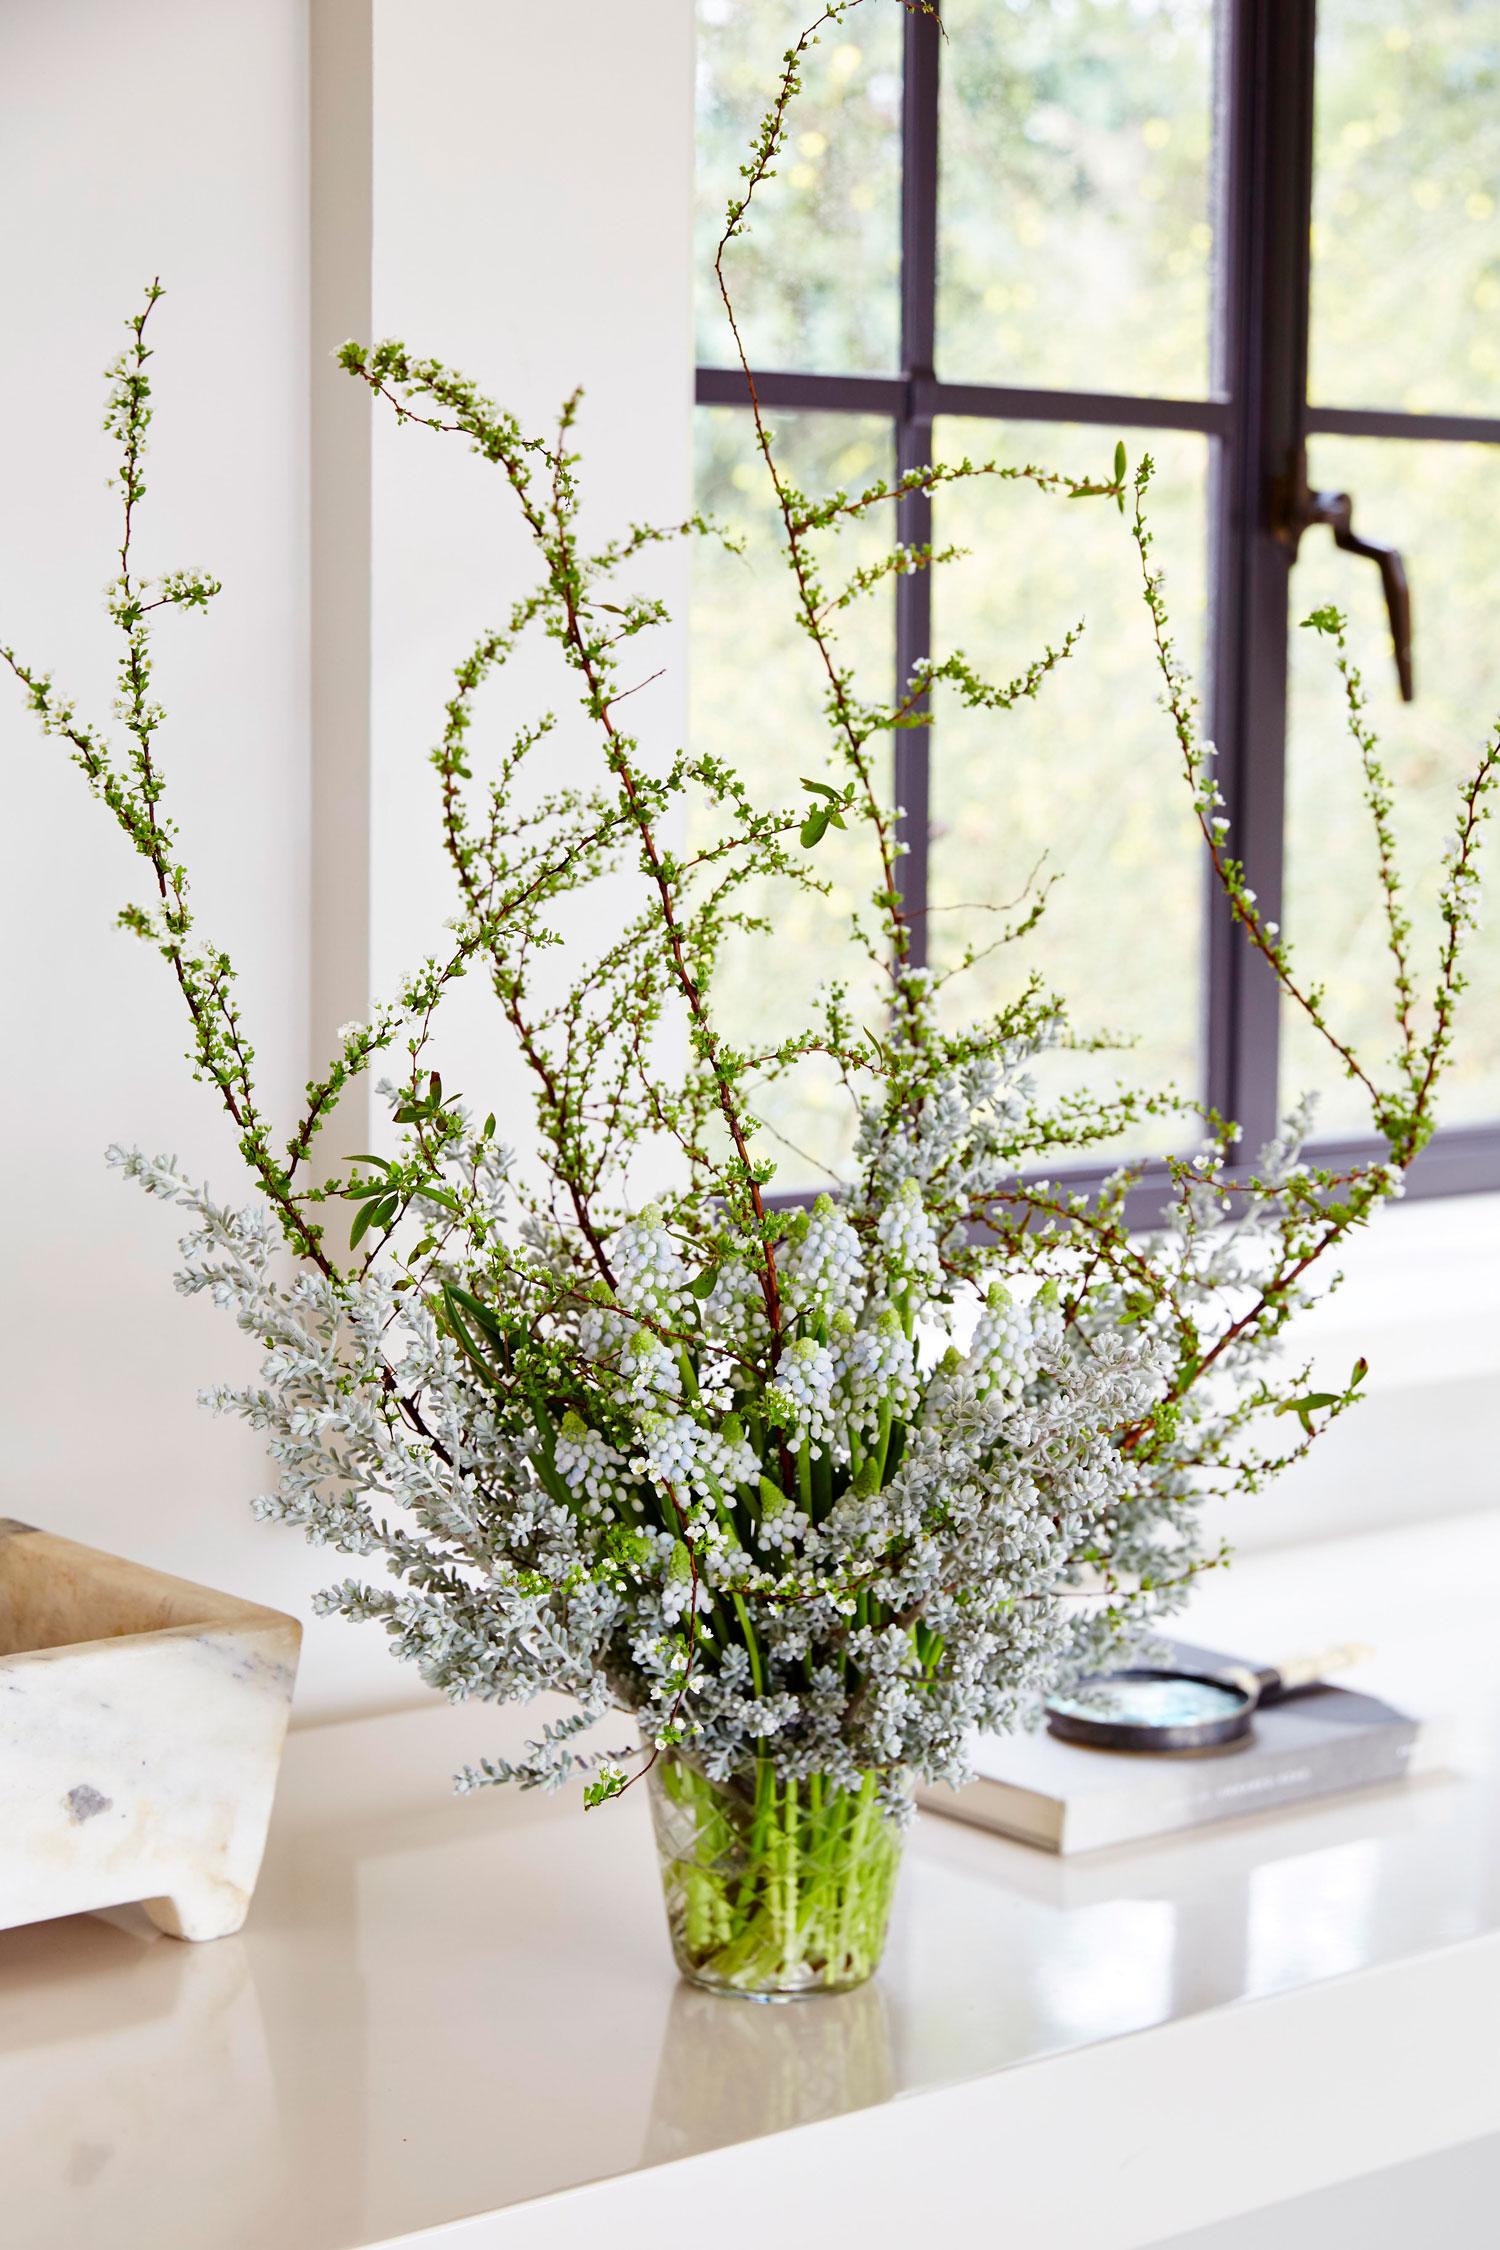 MBS-Floral-01-Web.jpg